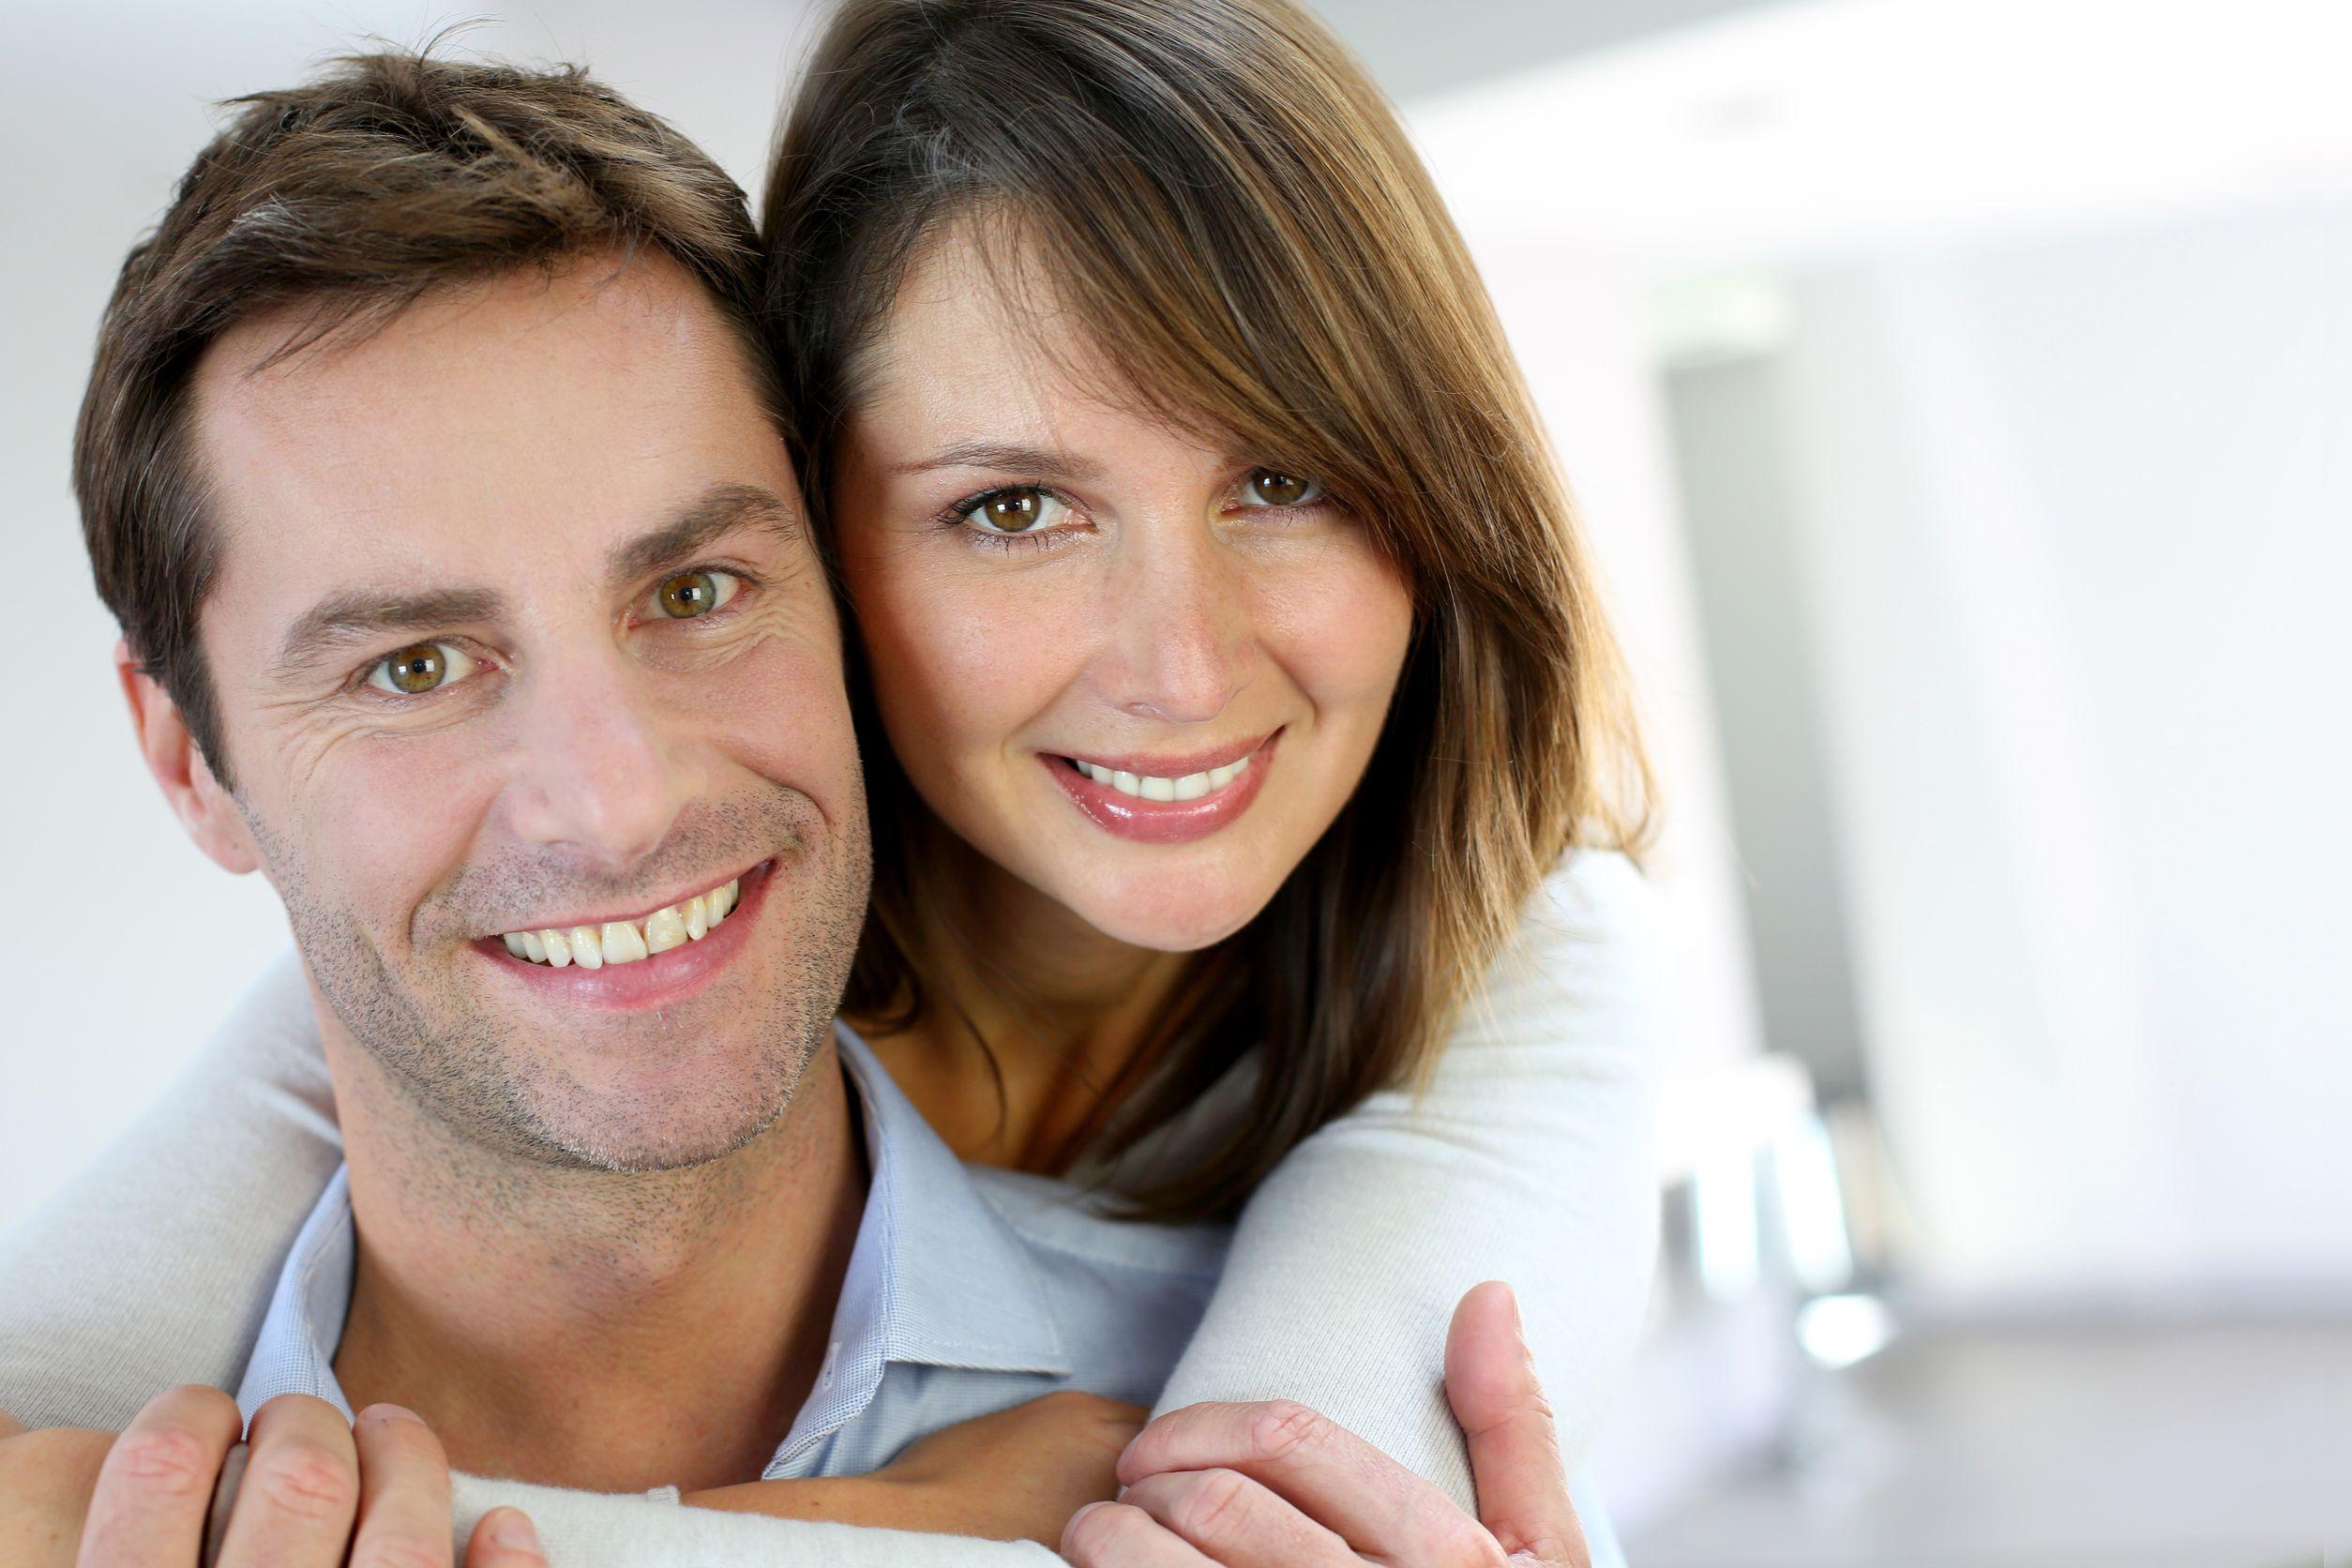 Русское семейная пара, Семейное порно русских пар смотреть онлайн бесплатно 22 фотография